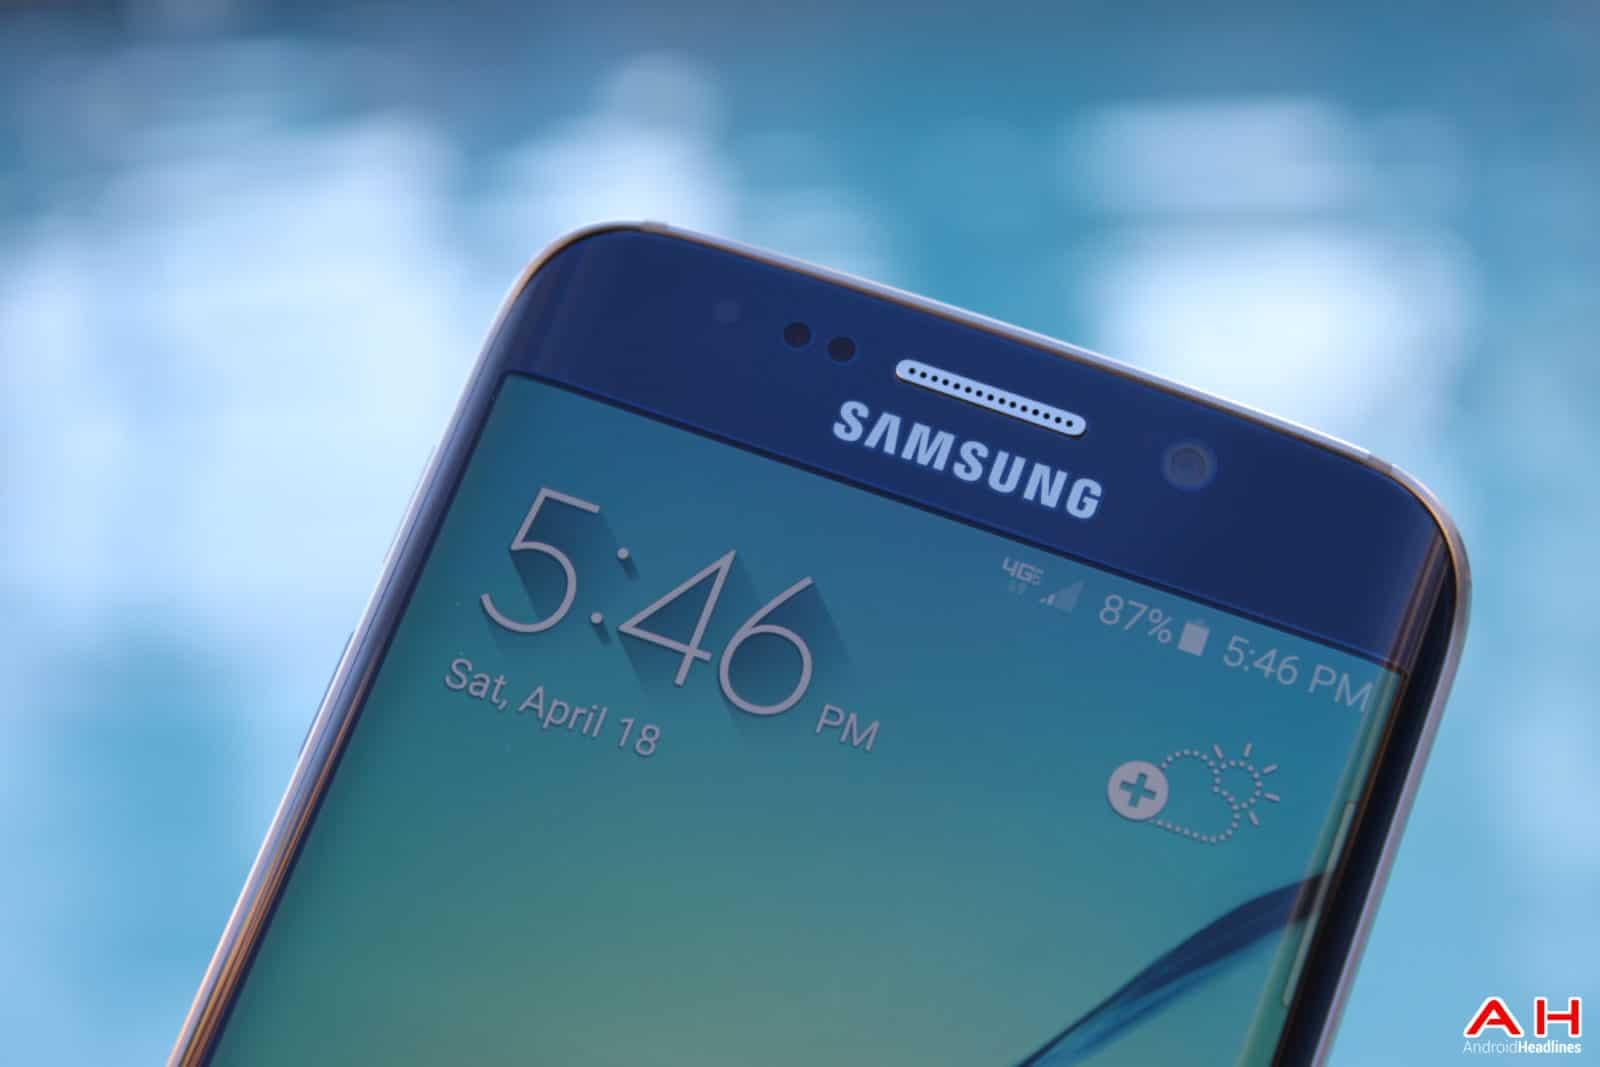 AH Samsung Galaxy S6 Edge Series 4 June 30th-24